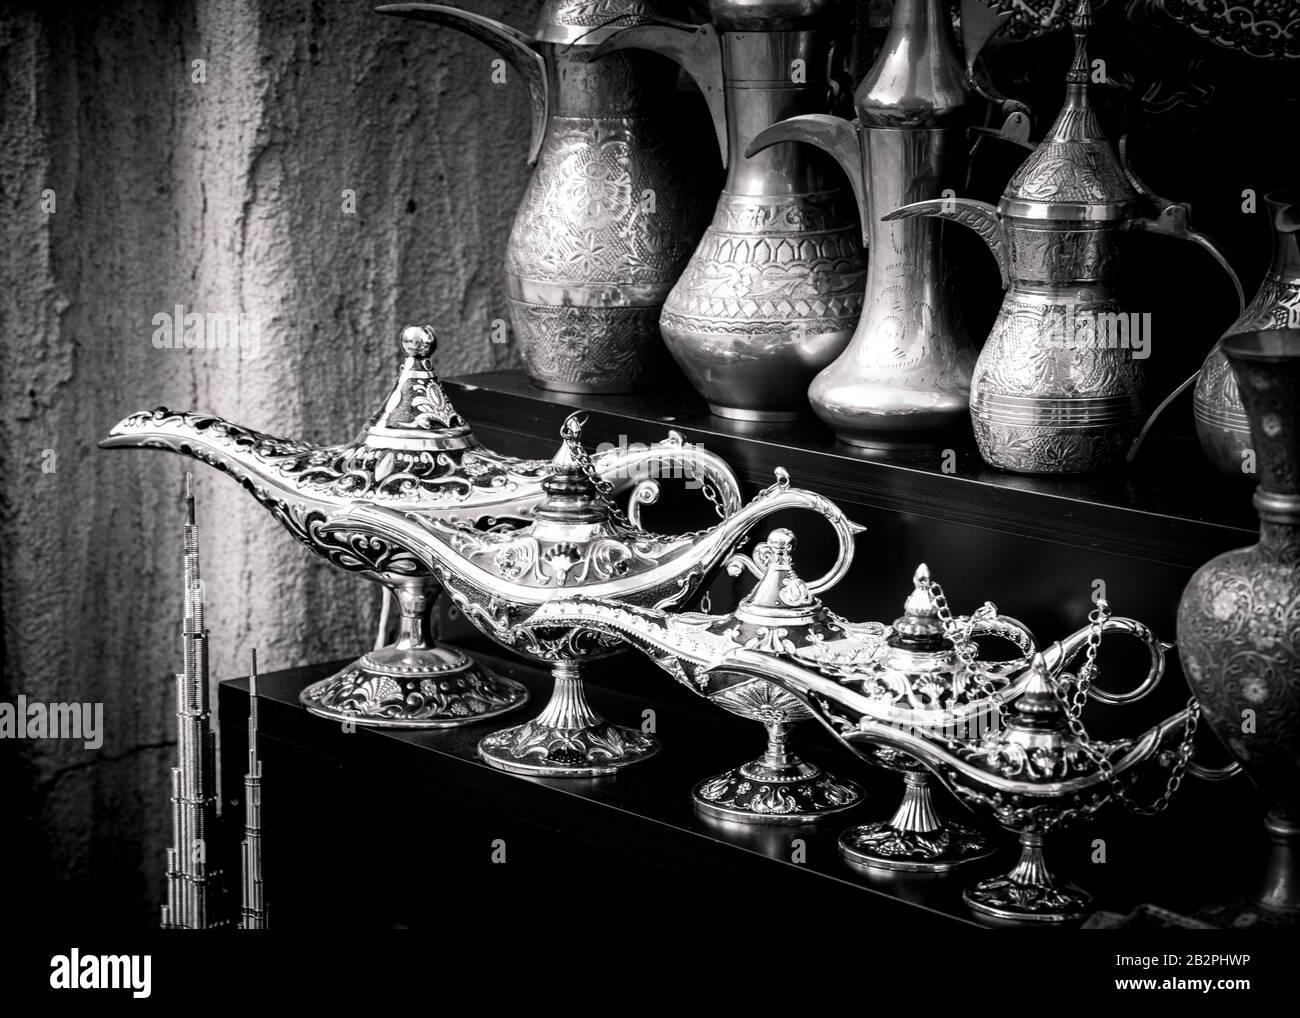 Primer plano blanco y negro de lámparas mágicas y cafeteras tradicionales de estilo árabe. Foto de stock